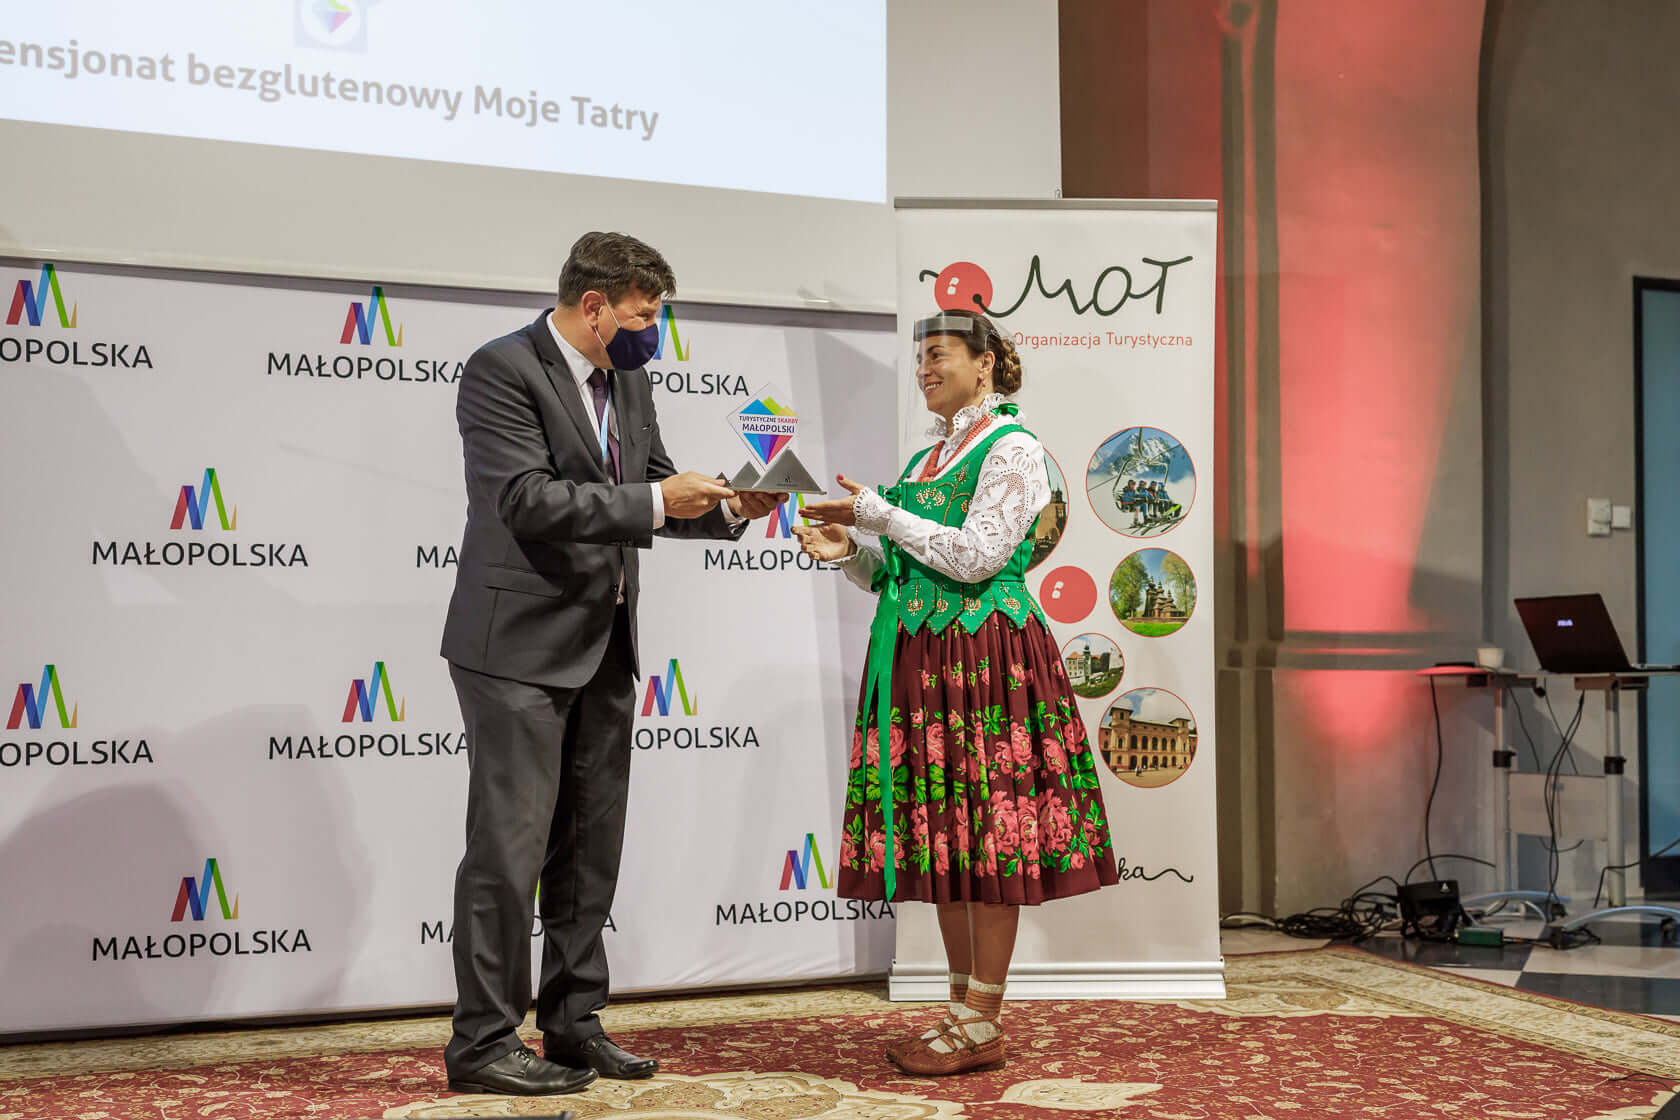 Bezglutenowy Pensjonat Moje Tatry laureatem nagrody kulinarnej 2020